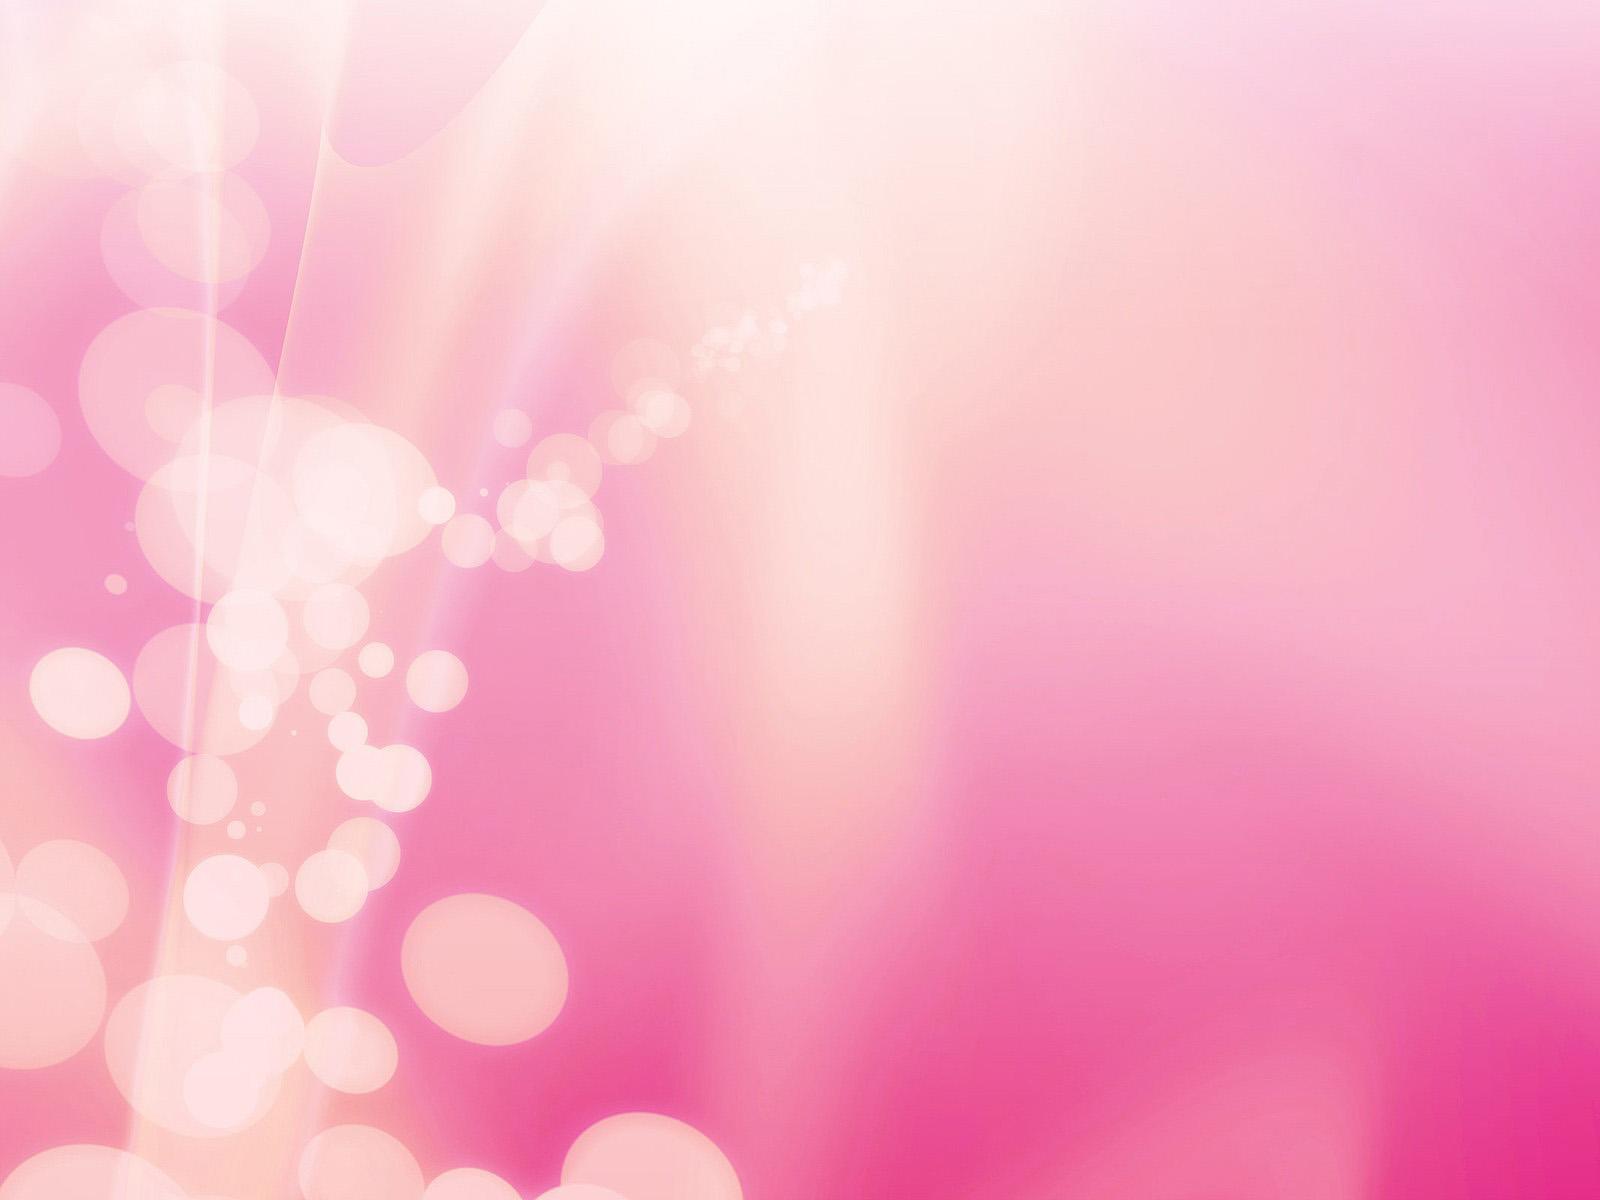 Della Knox pink hd 1600x1200